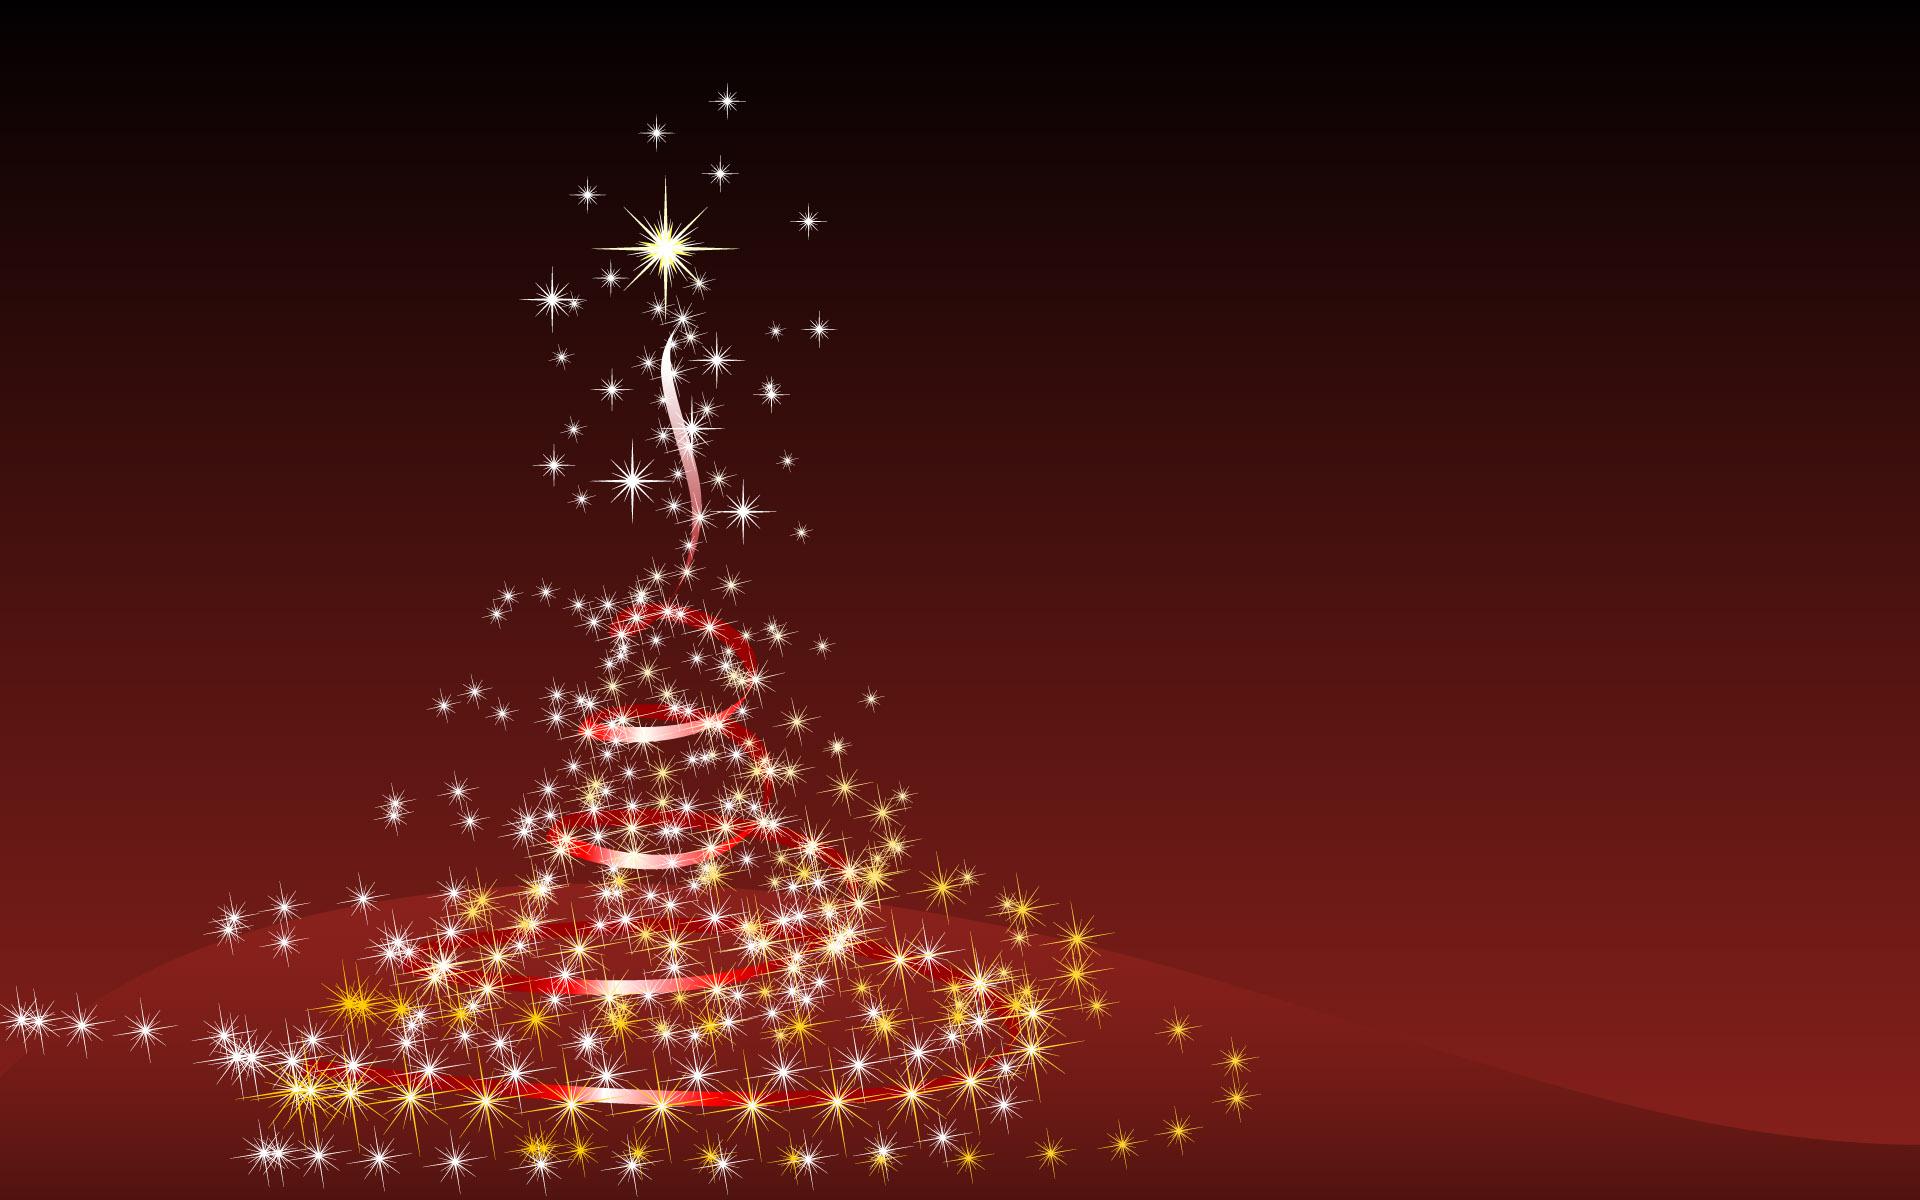 Immagini Di Natale Da Mettere Come Sfondo.Sfondi Natalizi Sfondissimo Sfondi Screensaver Gratis